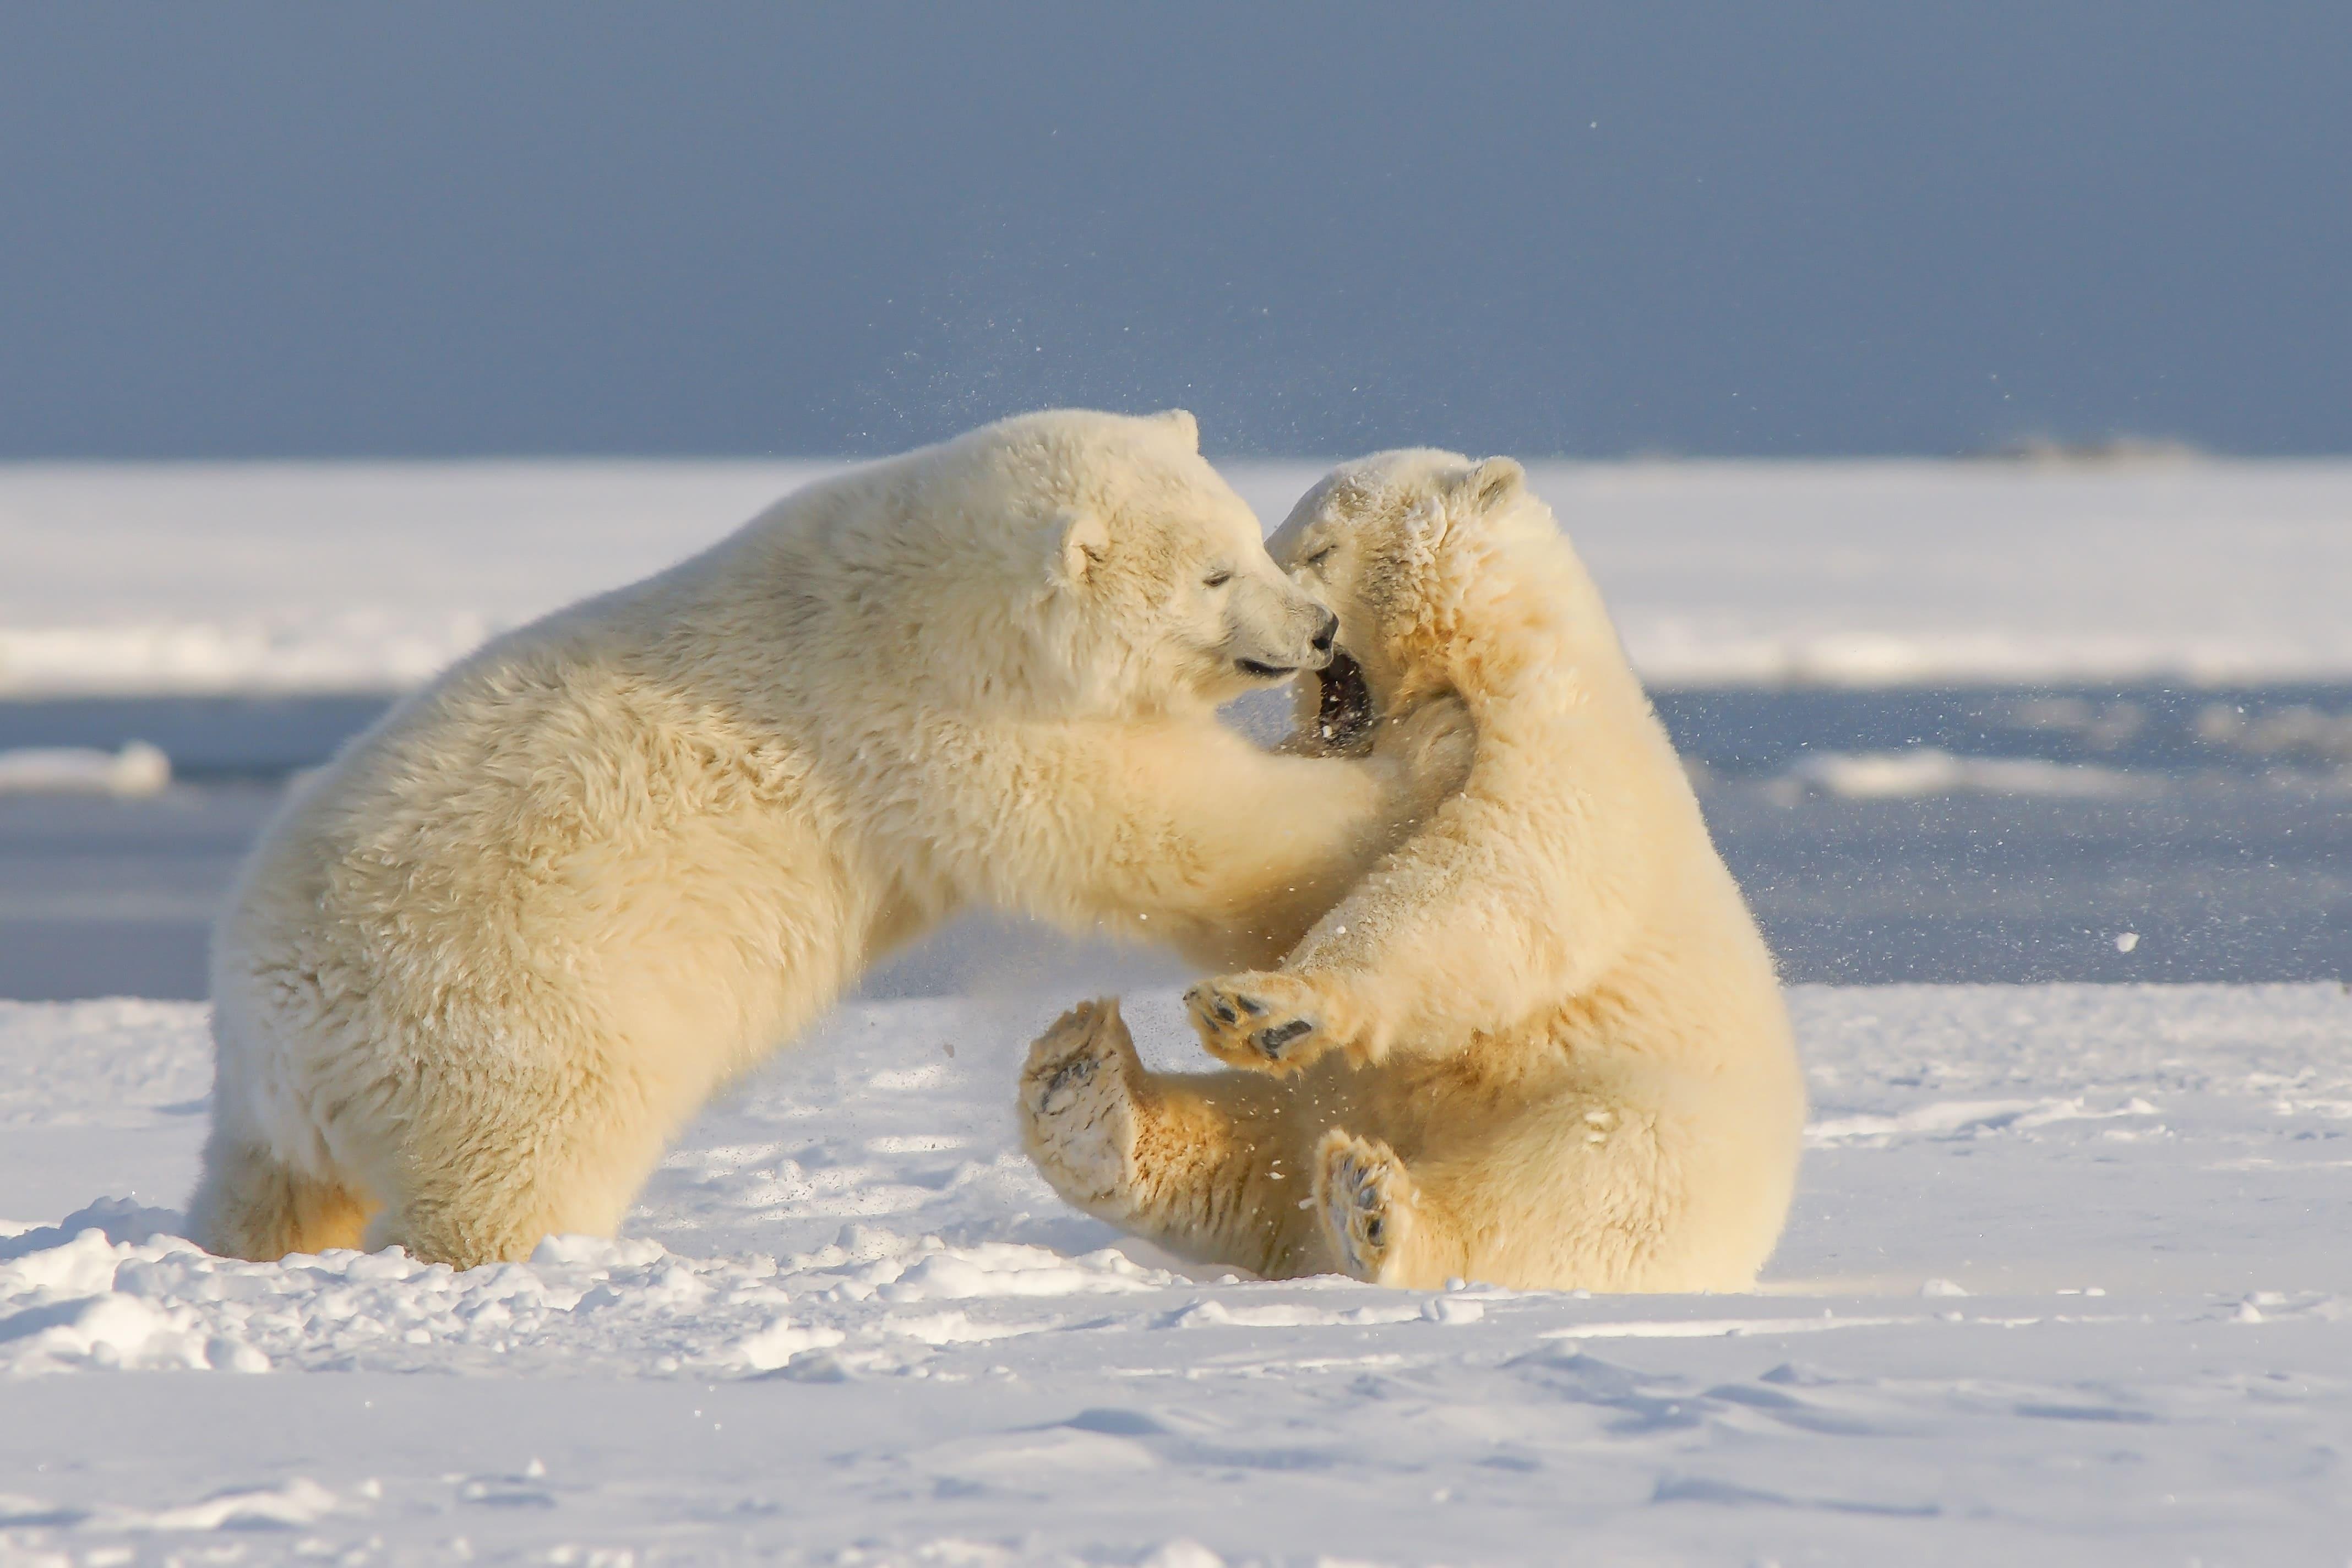 Osos polares podrían extinguirse antes de 2100